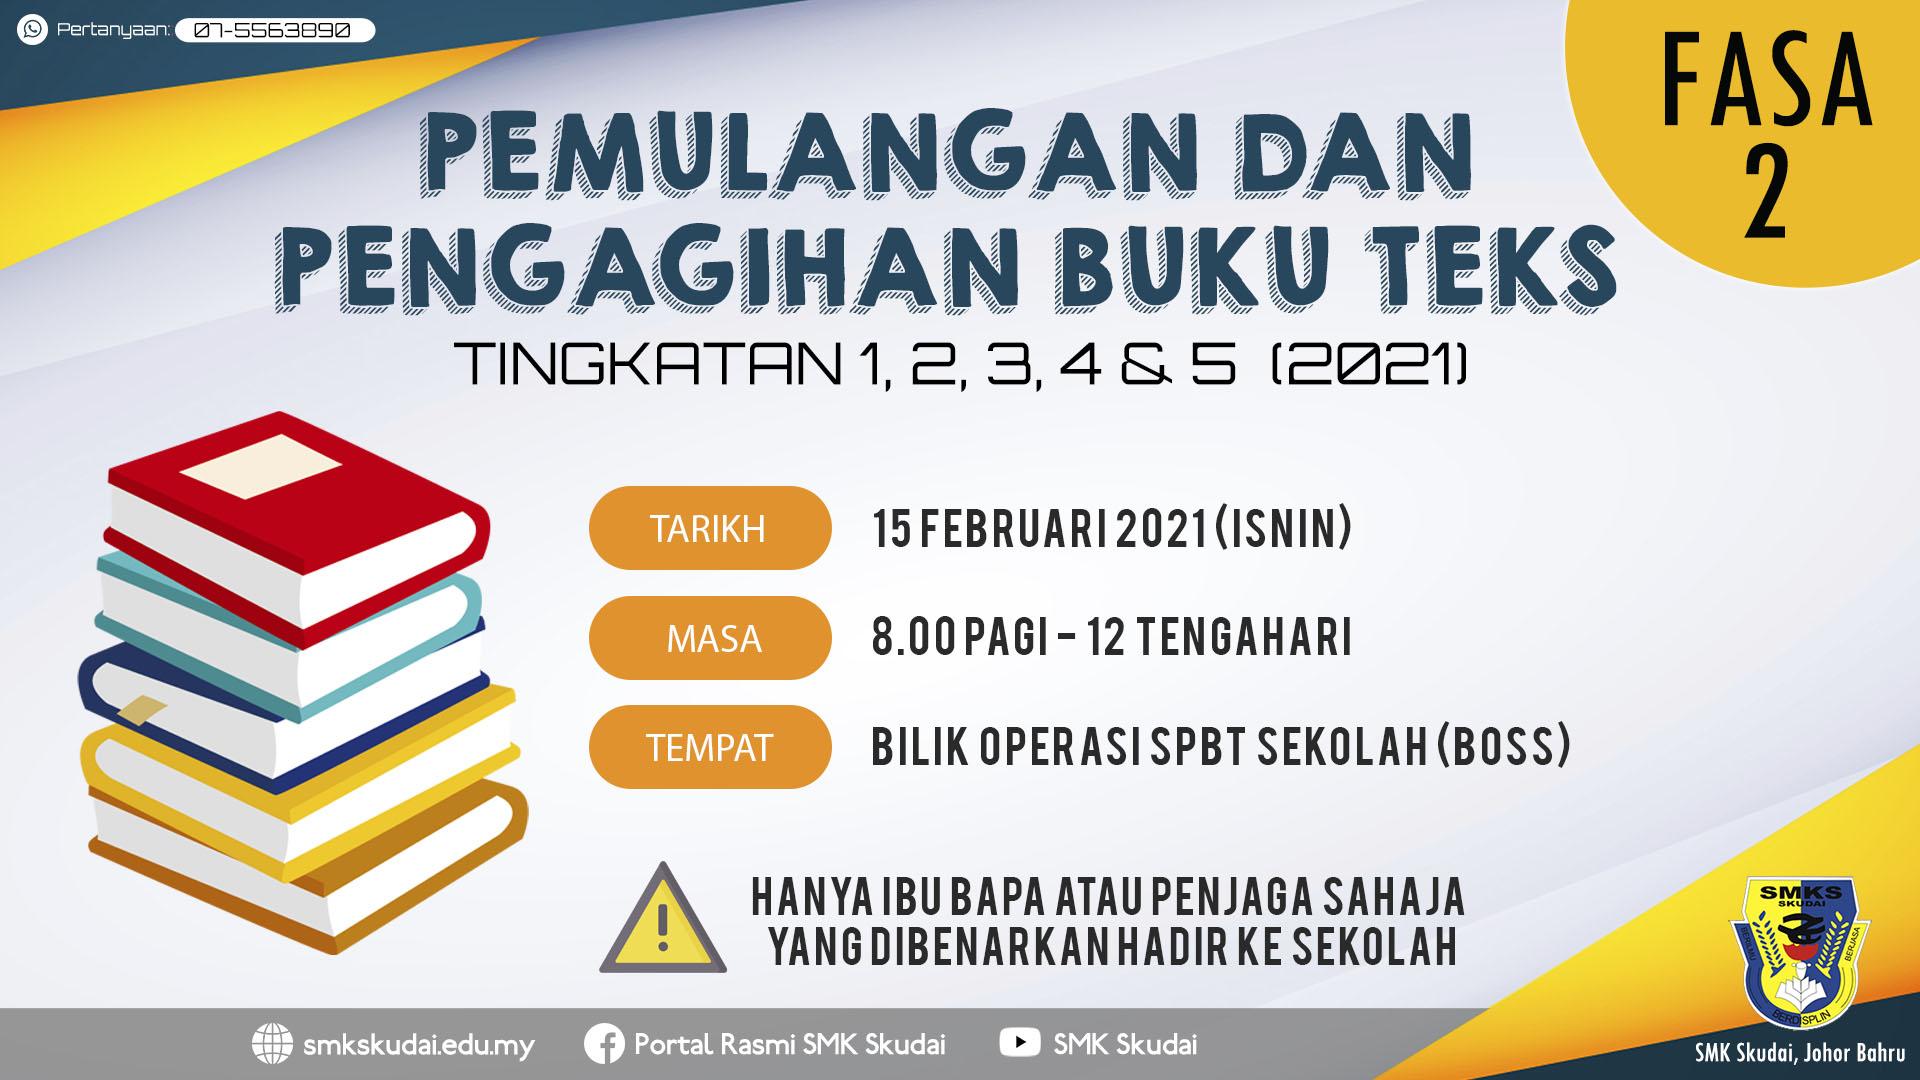 Read more about the article Makluman Pemulangan dan Pengagihan Buku Teks Tingkatan 1, 2, 3, 4 dan 5 (2021) Fasa 2 Tahun 2021